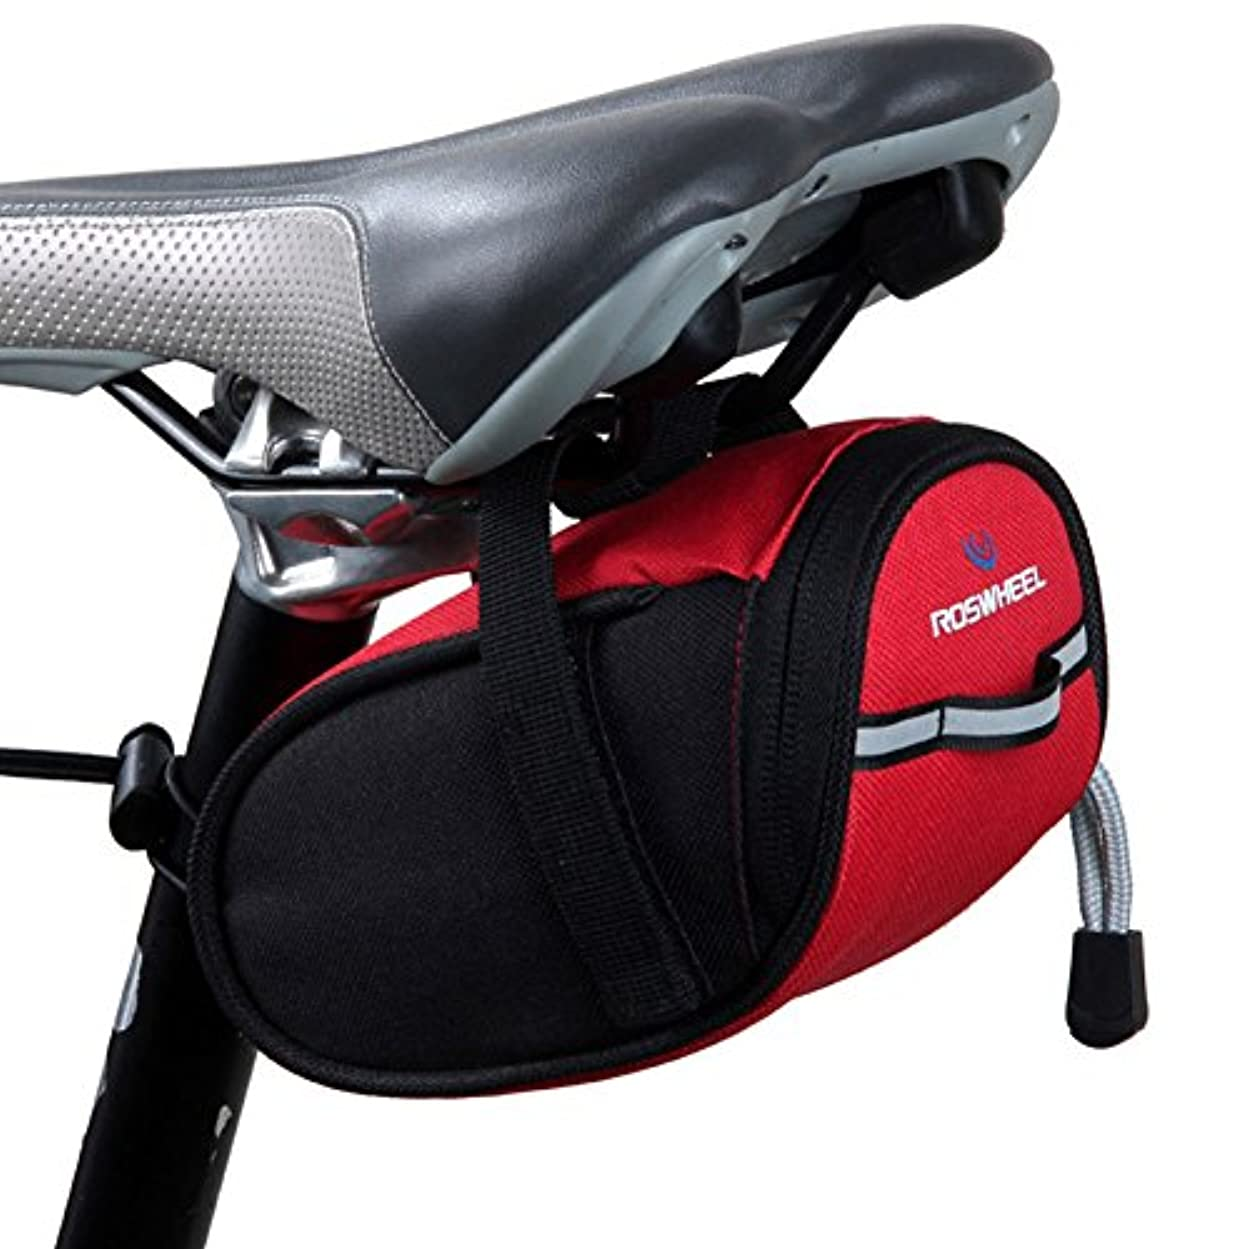 期限艦隊増加するサドルバッグ自転車シートパックサイクリングシートバッグ自転車ストラップオンサドルバッグ-A2